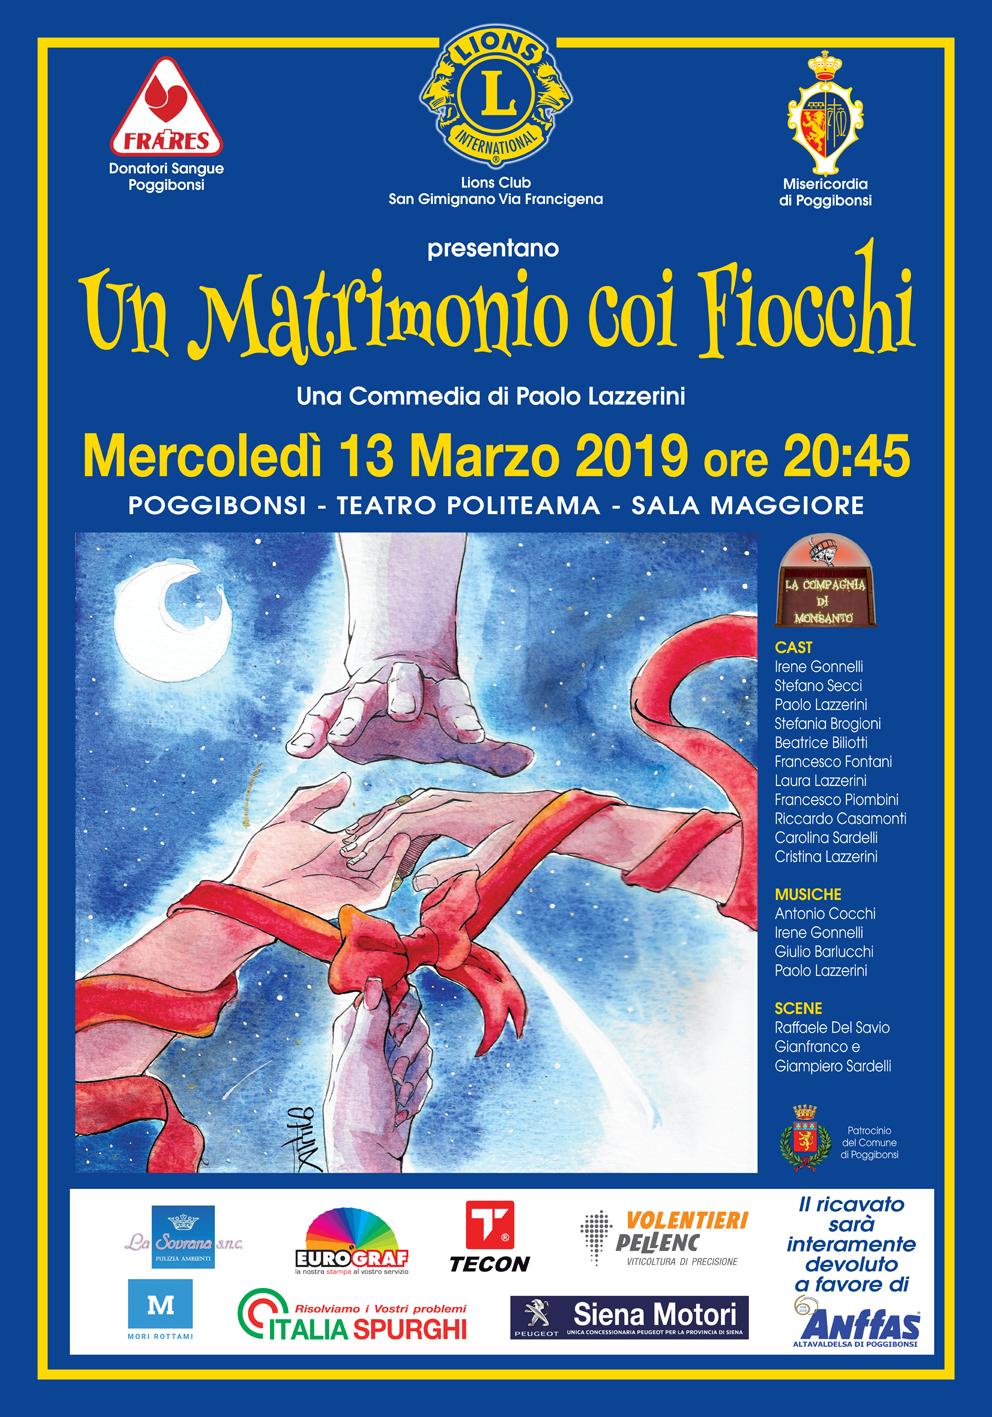 UnmatrimoniocoiFiocchi_Politeama